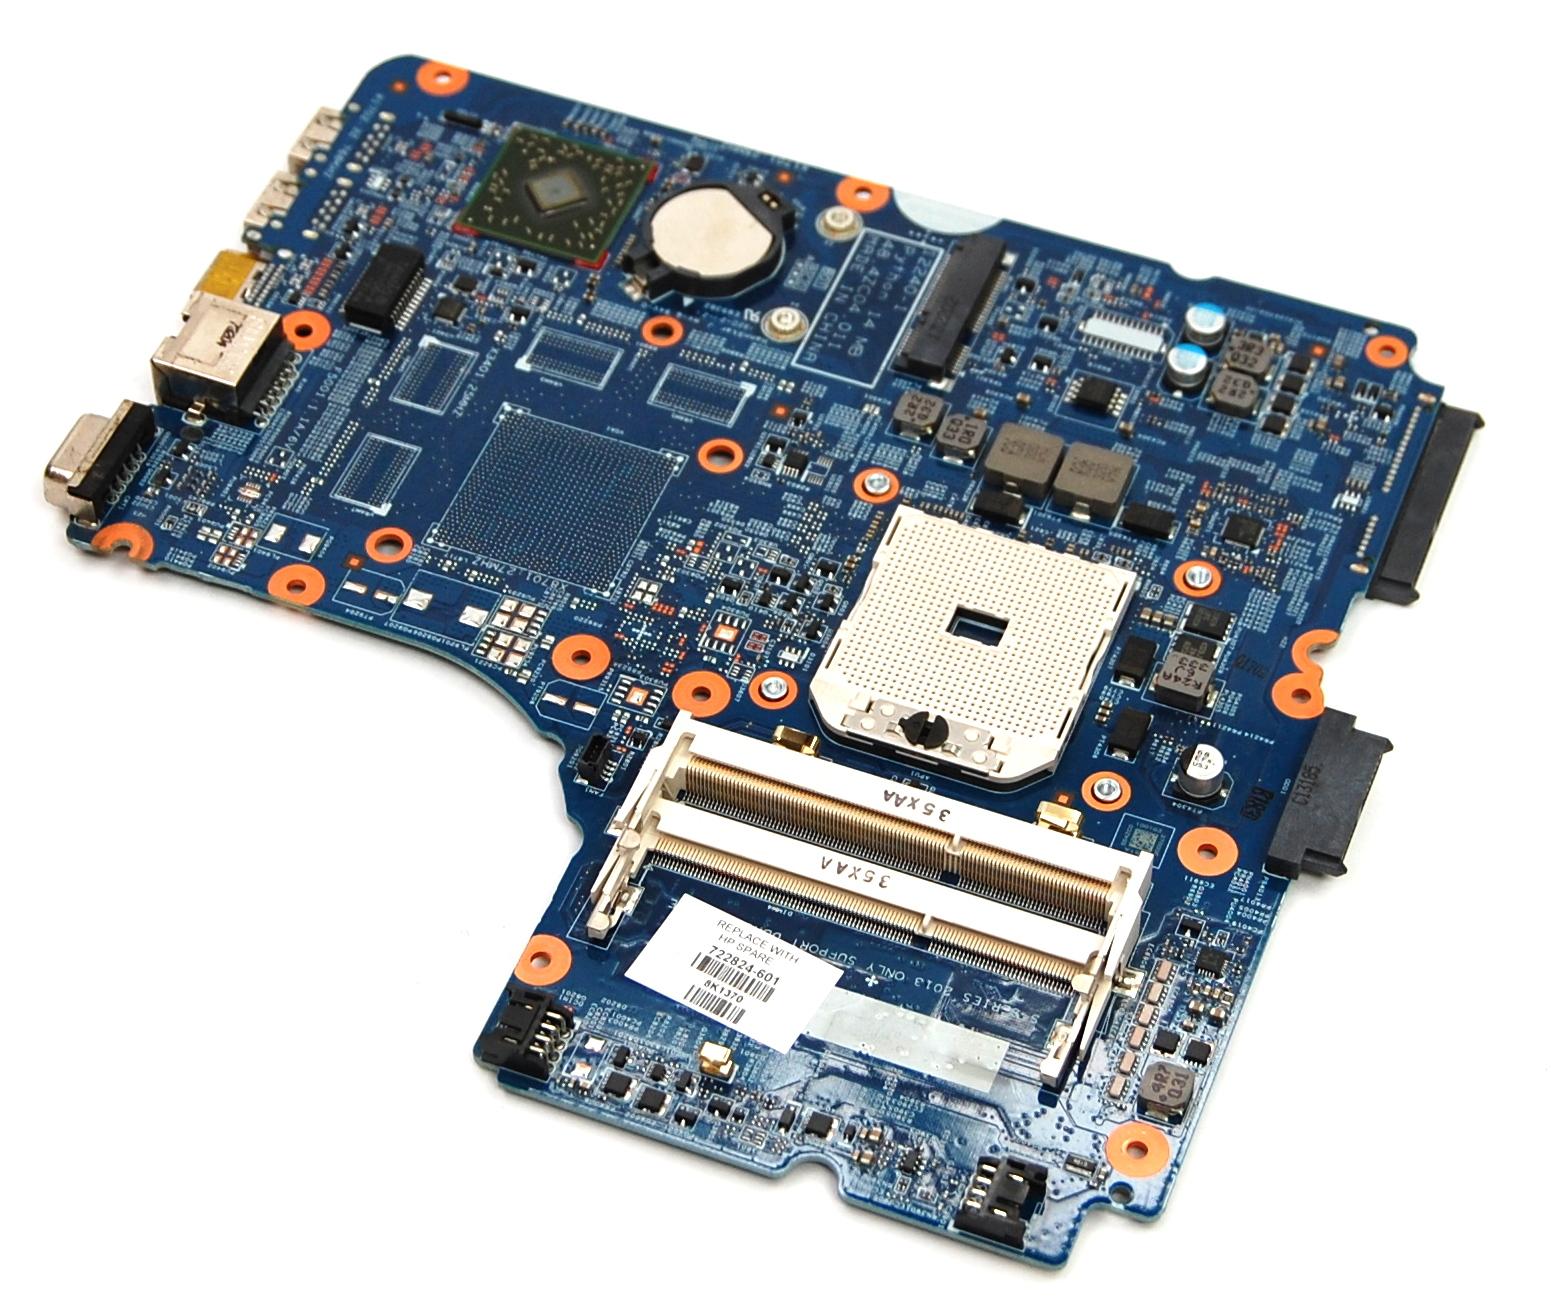 HP 722824-601 ProBook 455 G1 AMD Socket FS1 Laptop Motherboard